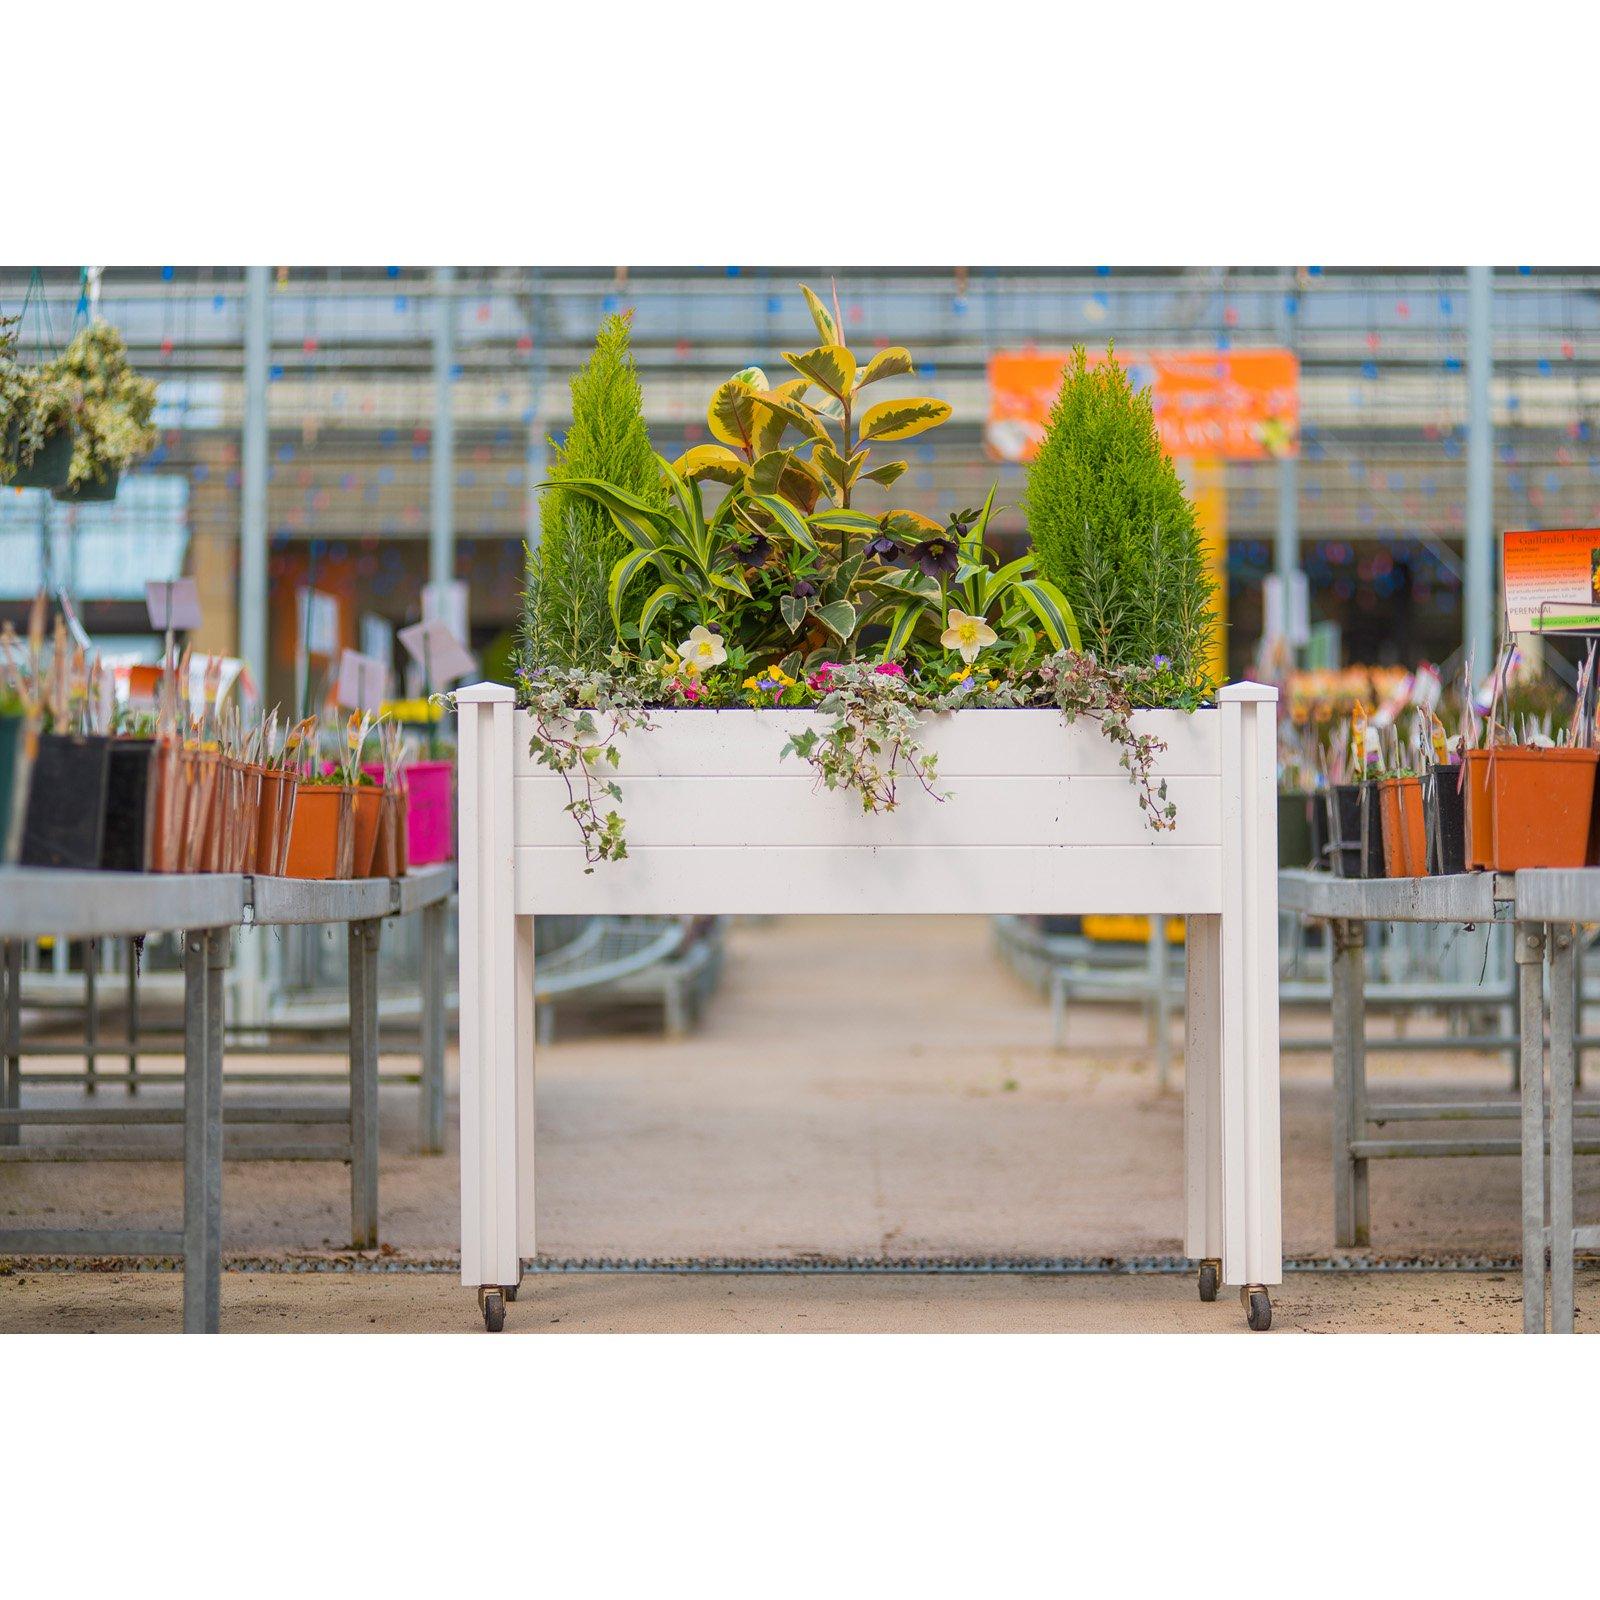 Vita Sunseeker Raised Garden